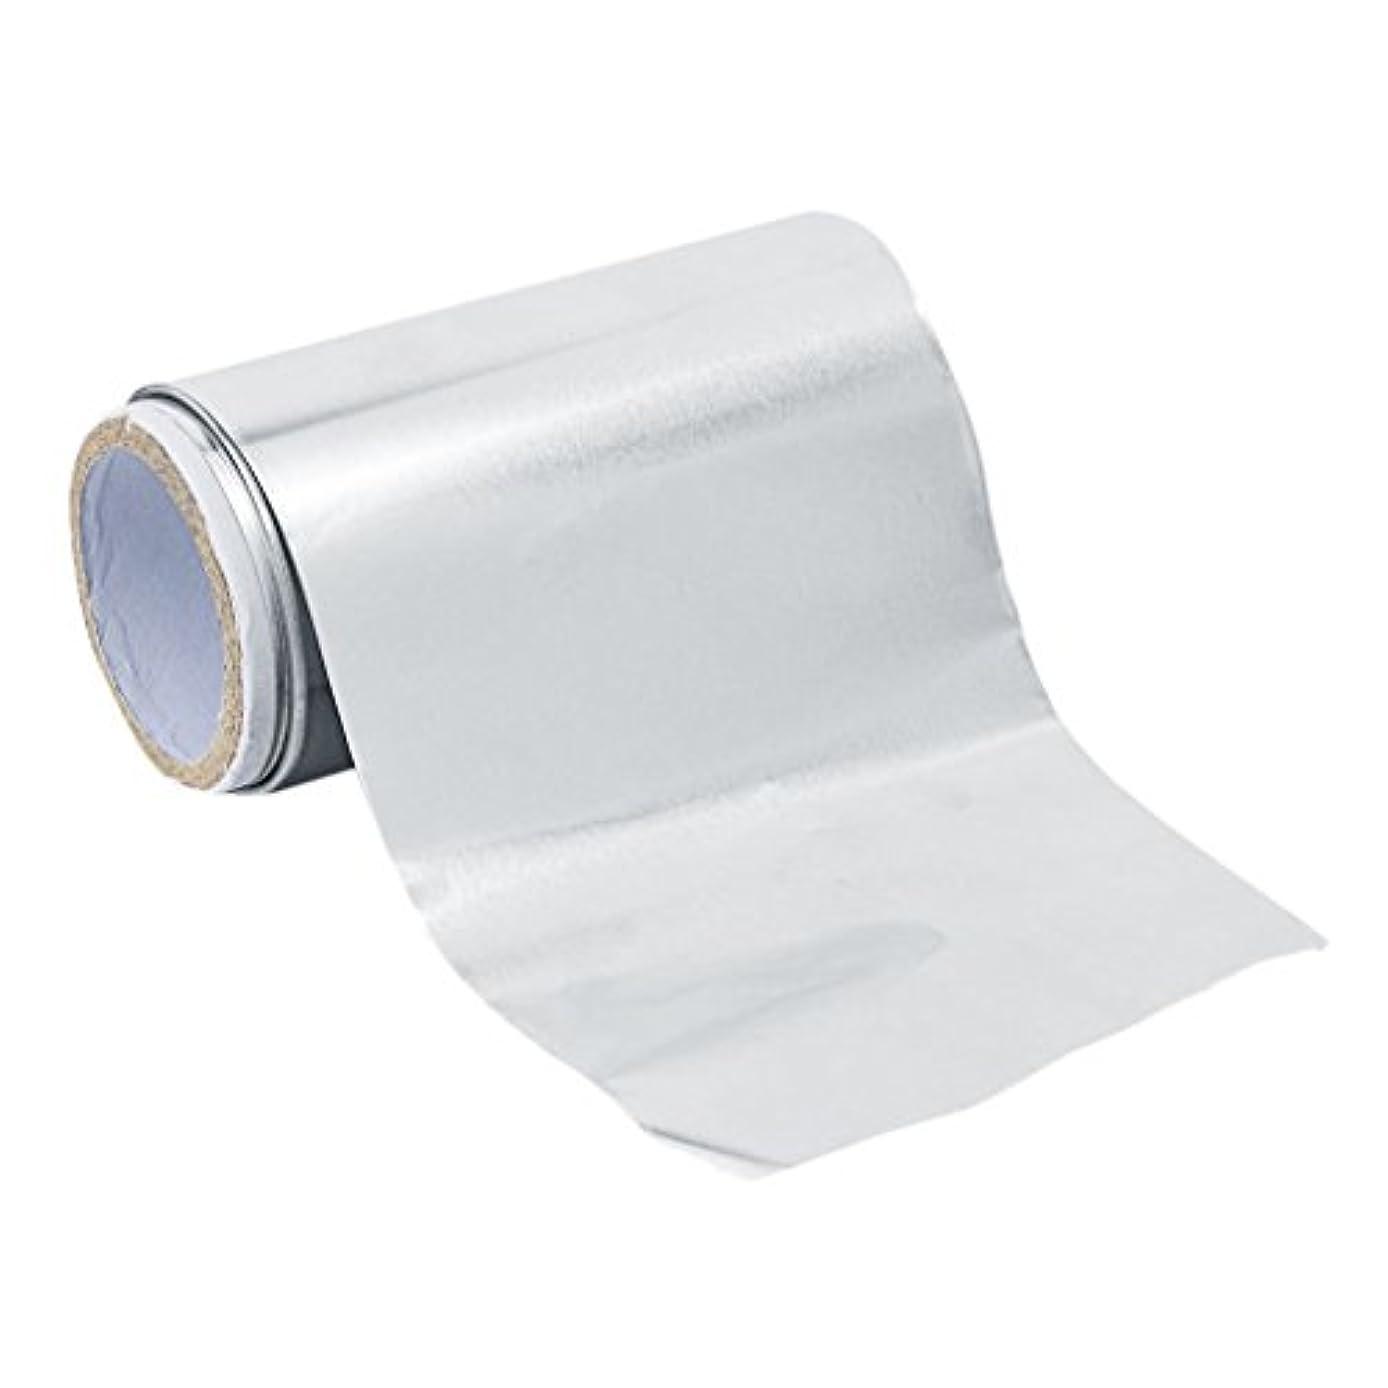 業界協会絶望的なFenteer アルミニウム ヘア/ネイル用 錫箔紙 ネイルアート 爪化粧用具  クリーナーツール ジェル除却 5m